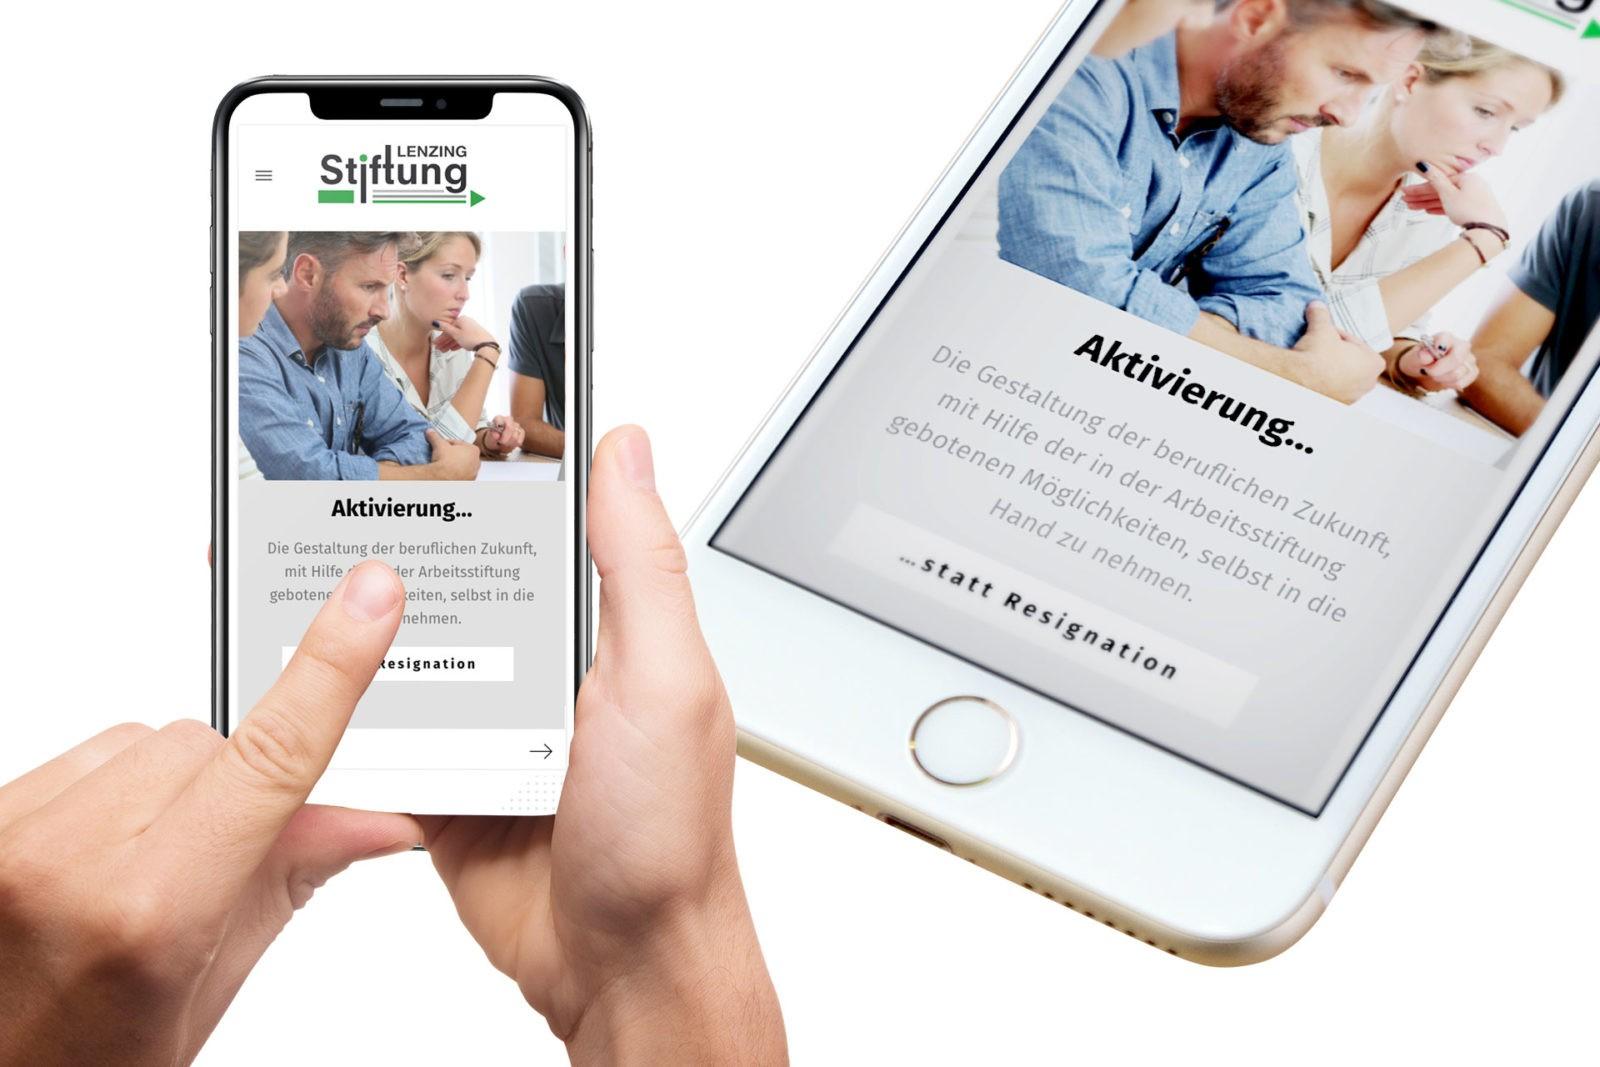 Webdesign für Kunde Lenzing-Stiftung - mobil optimiert